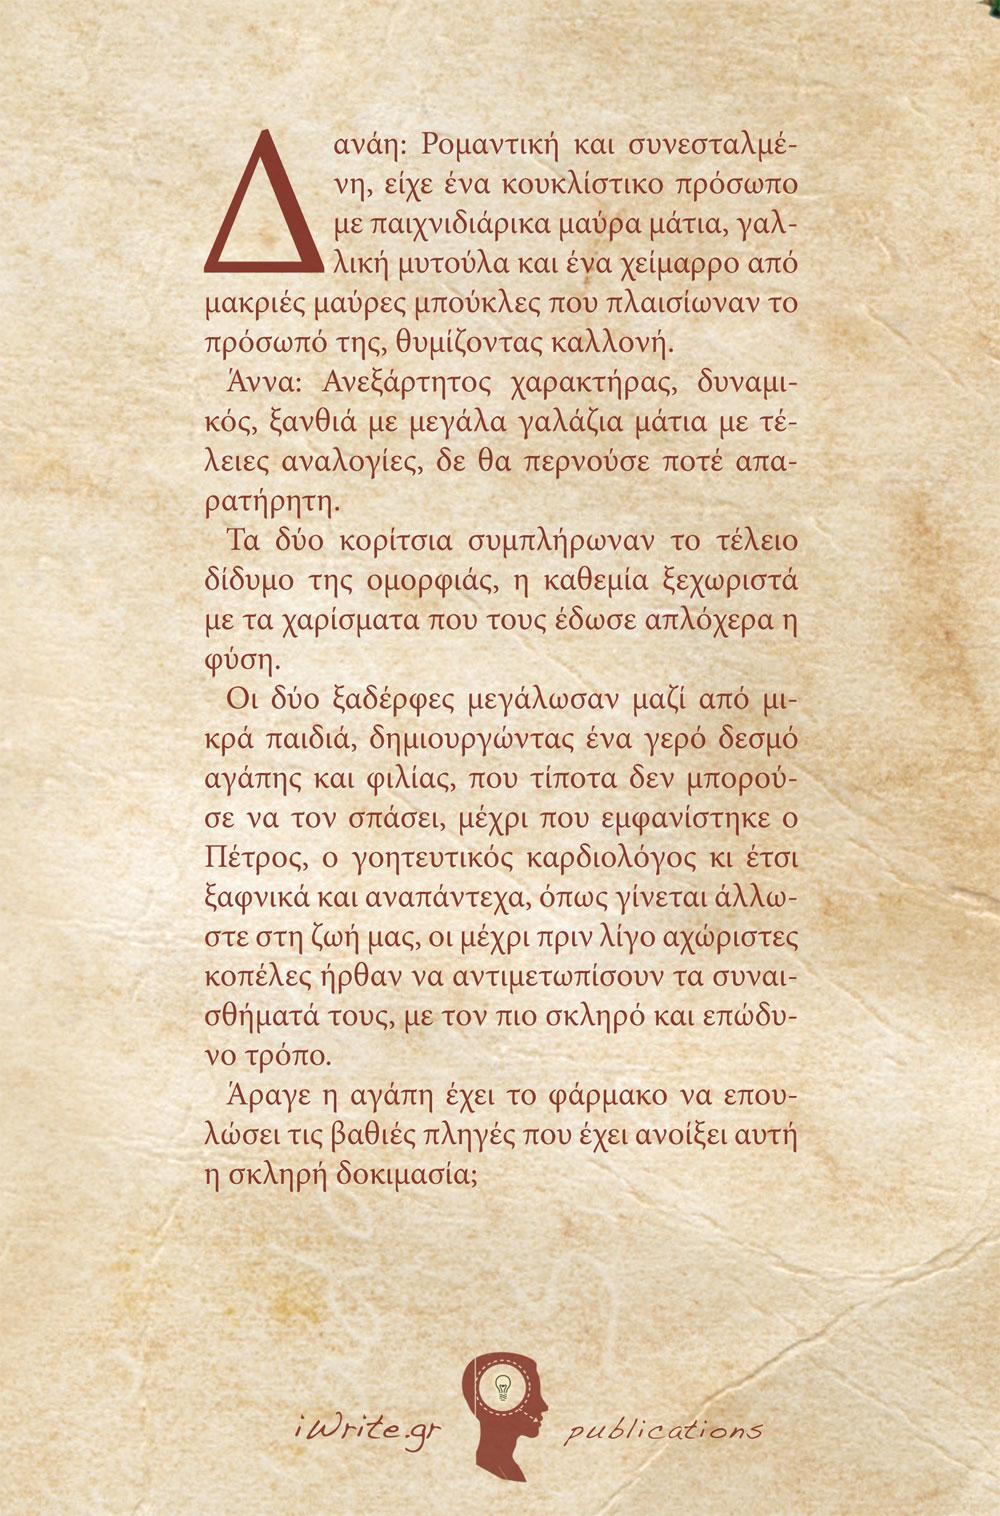 Οπισθόφυλλο, Η Μεγάλη Συγγνώμη, Εκδόσεις iWrite